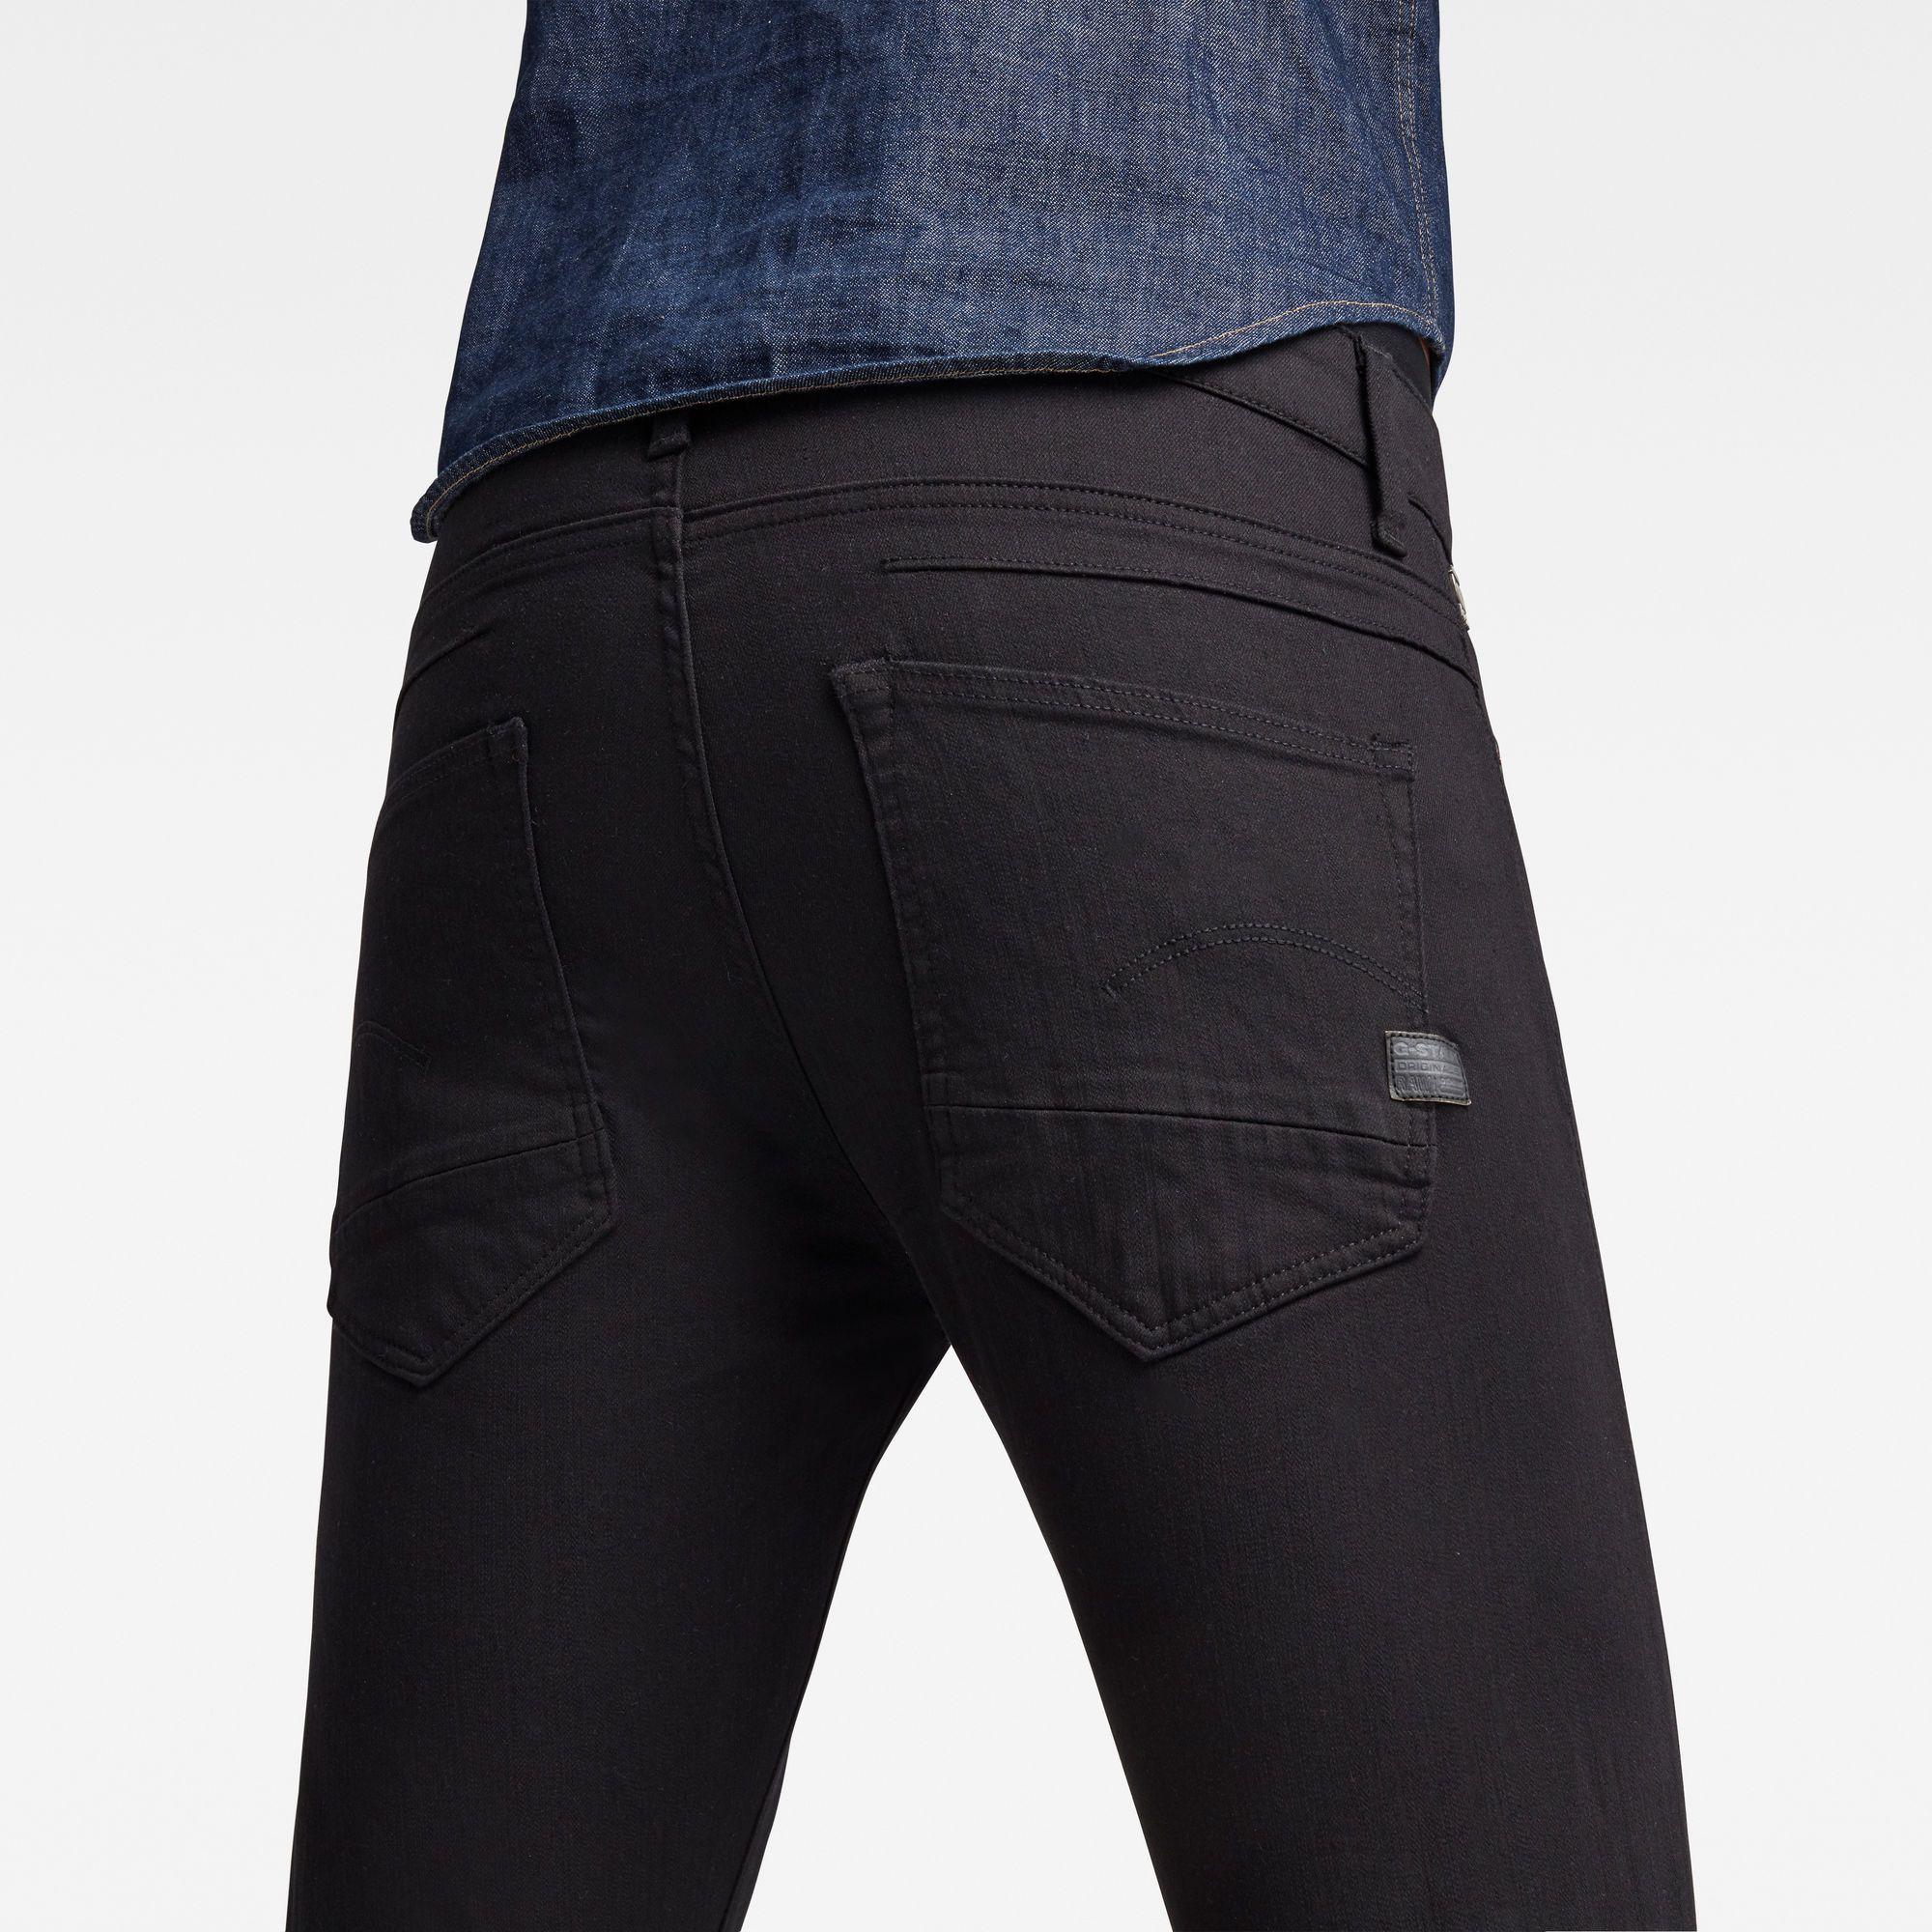 G-Star RAW D-Staq Jeans